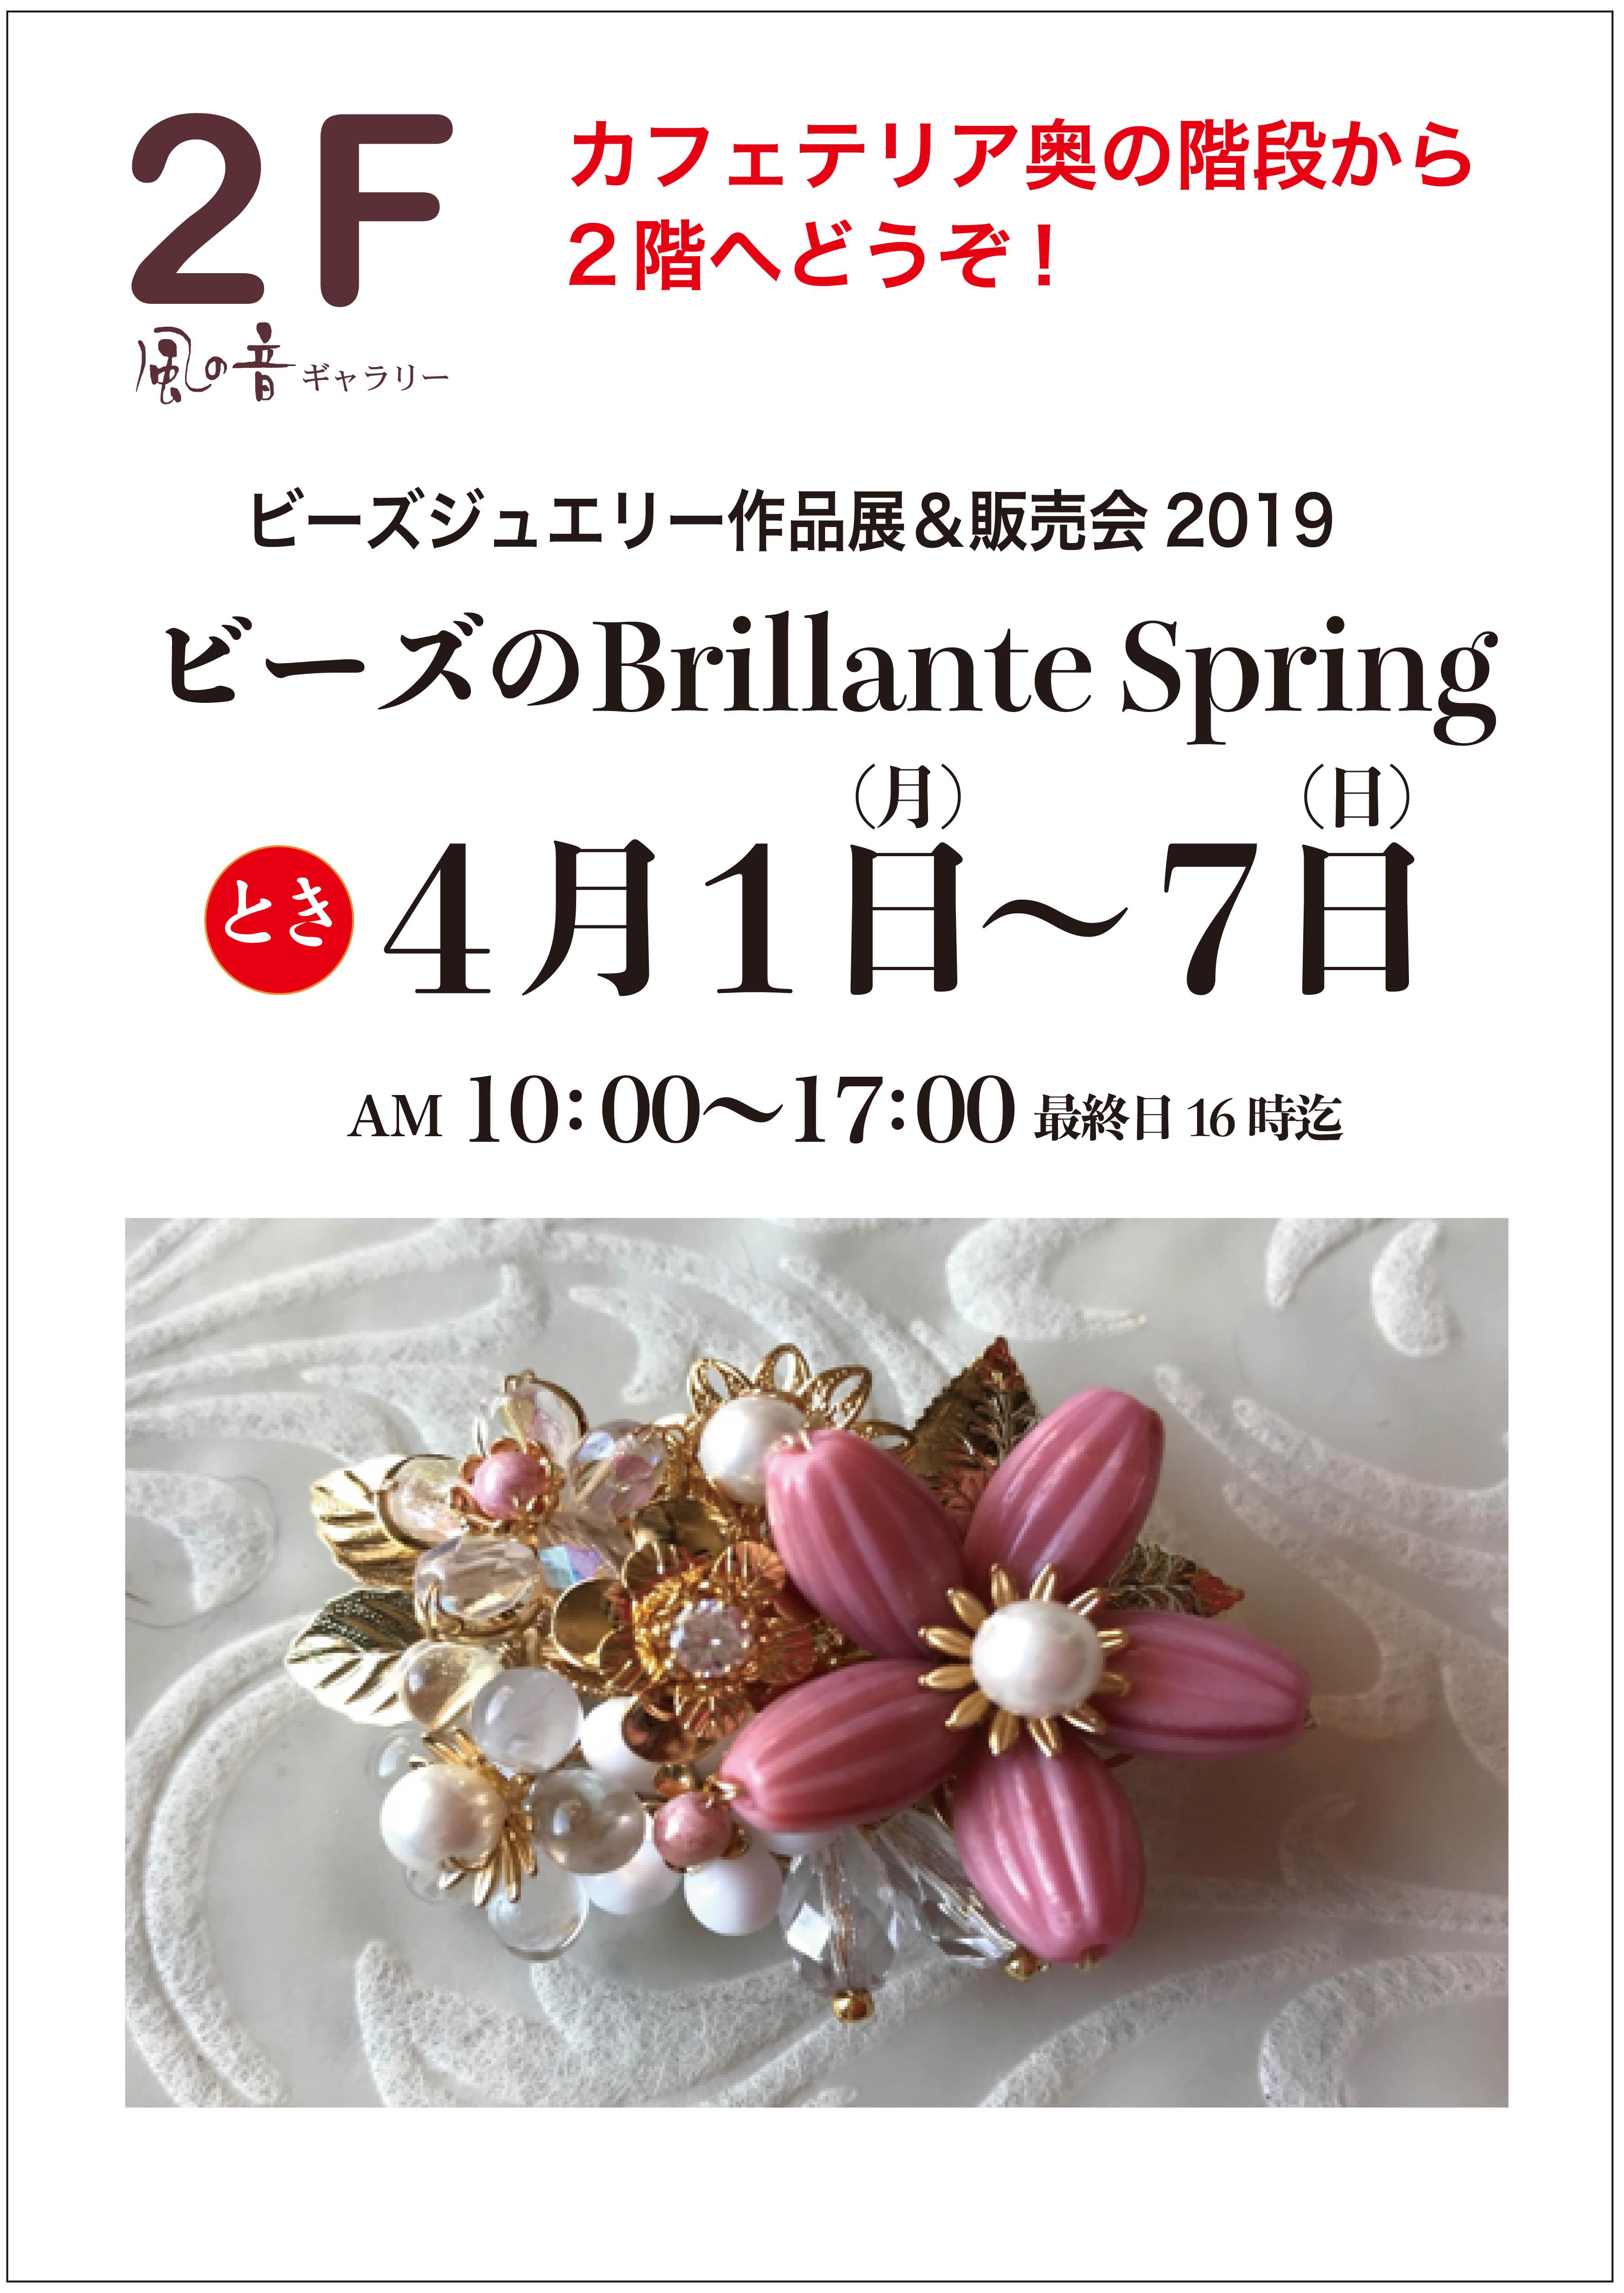 ビースのBrillante Spring